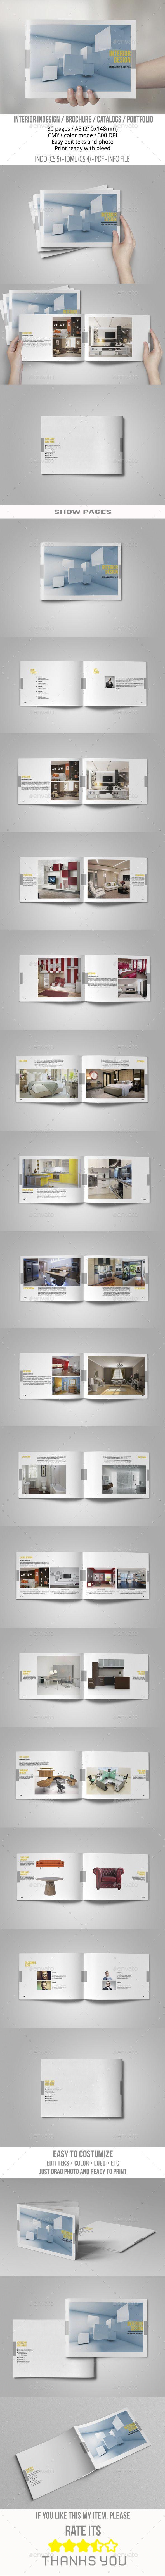 A5 Catalogs Interior